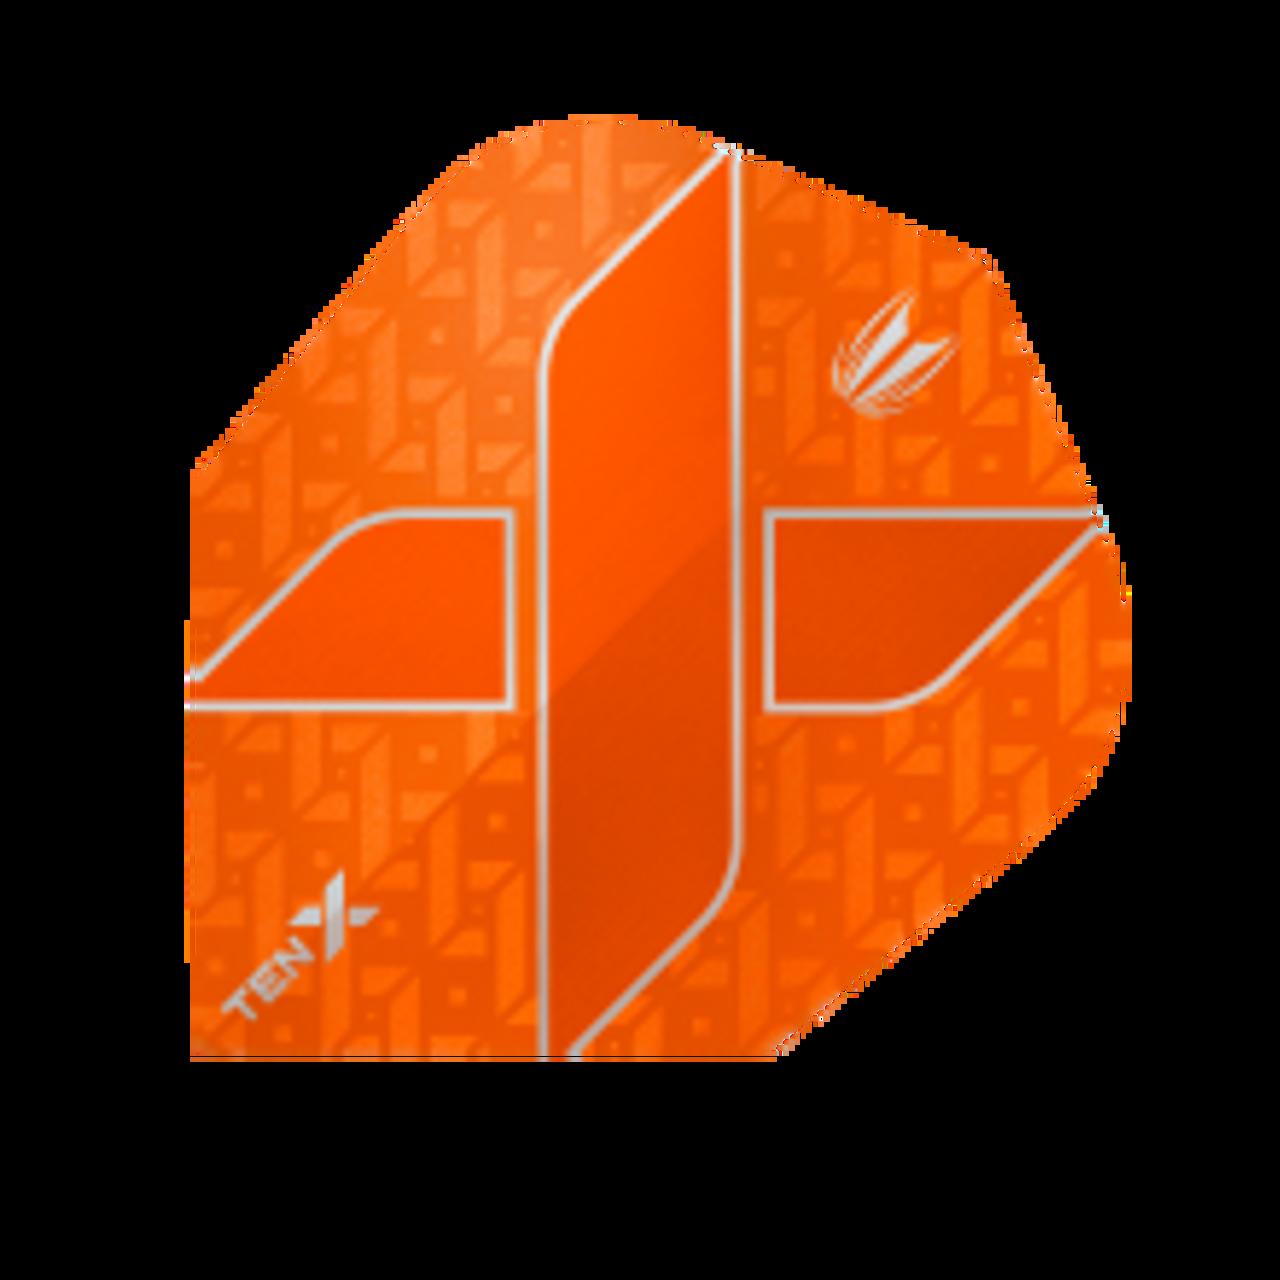 Target Ten-X Dart Flights Orange